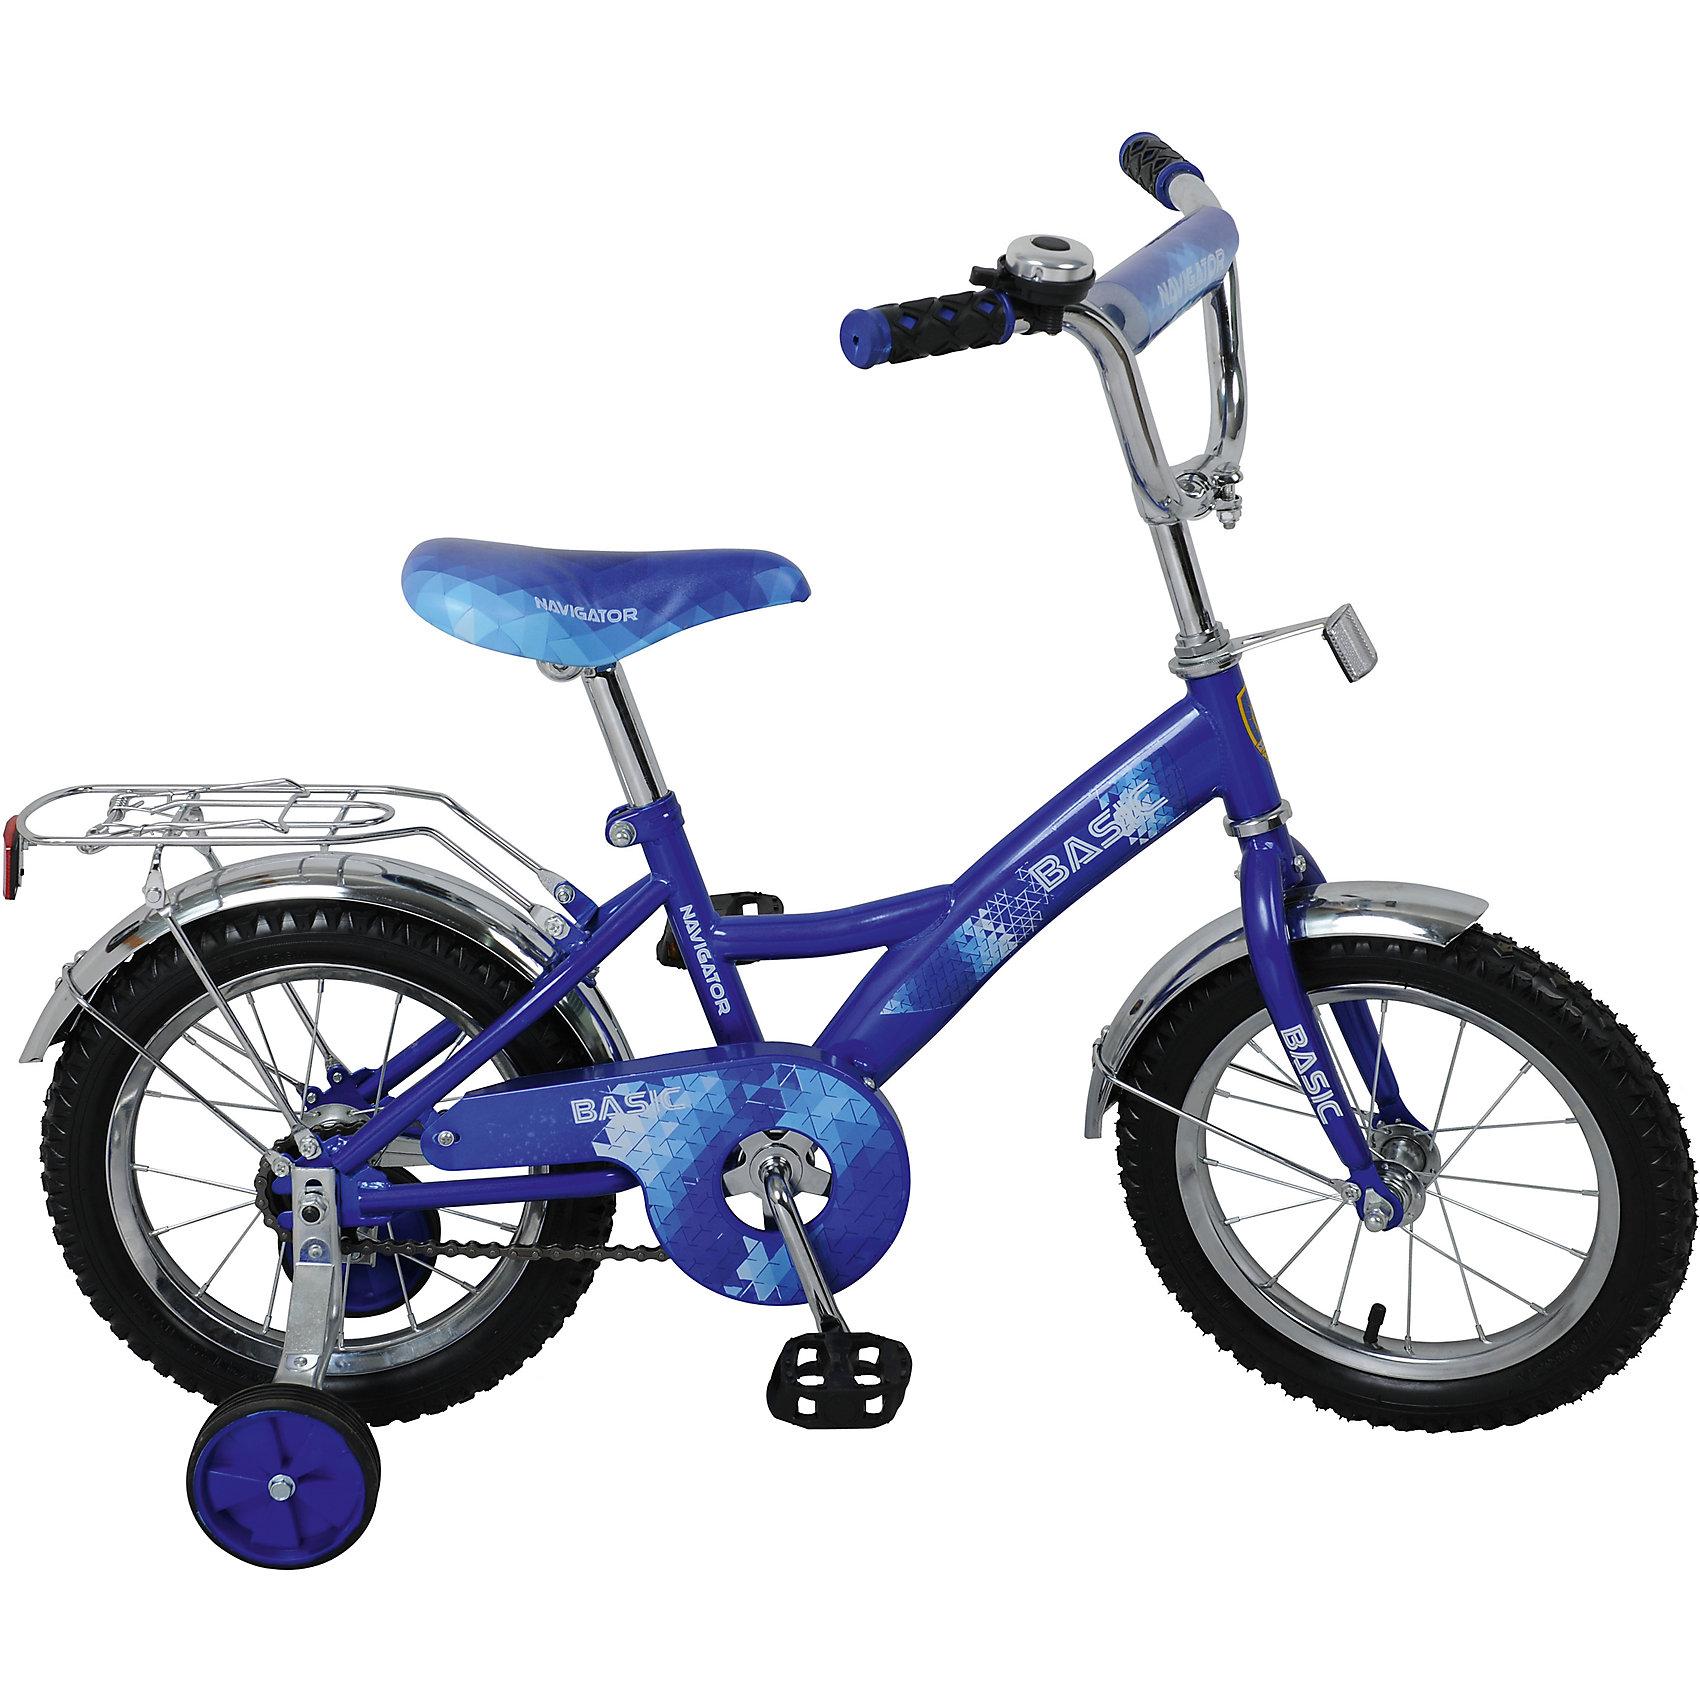 Велосипед Basic, синий, NavigatorВелосипеды детские<br>Велосипед Basic, синий, Navigator (Навигатор) – это яркий, стильный, надежный велосипед высокого качества.<br>Детский велосипед Basic KITE-тип, обладает яркой расцветкой и стильными формами. продуманная конструкция сводит к минимуму риск получить травму. Рама велосипеда выполнена из высокопрочного металла. Покрытие рамы устойчиво к царапинам. Высота руля и сиденья легко регулируется в соответствии с возрастом и ростом ребенка. Мягкая накладка на руле обеспечит небольшое смягчение при падении на руль. Колеса оснащены резиновыми шинами, которые хорошо удерживают воздух. Велосипед имеет дополнительные широкие страховочные колеса, защиту цепи, стальные обода для защиты от брызг, удобное сиденье эргономичной формы, звонок, задний багажник. На ручках руля нескользящие накладки. Катание на велосипеде поможет ребенку укрепить опорно-двигательную и сердечнососудистую системы.<br><br>Дополнительная информация:<br><br>- Возрастная категория: 4 -6 лет<br>- Подходит для детей ростом 95 - 115 см.<br>- Диаметр колёс: 14 дюймов<br>- Односоставной шатун<br>- Ножной тормоз<br>- Материал рамы: сталь<br>- Вес в упаковке: 9,9 кг.<br><br>Велосипед Basic, синий, Navigator (Навигатор) можно купить в нашем интернет-магазине.<br><br>Ширина мм: 800<br>Глубина мм: 170<br>Высота мм: 360<br>Вес г: 9900<br>Возраст от месяцев: 48<br>Возраст до месяцев: 120<br>Пол: Унисекс<br>Возраст: Детский<br>SKU: 4655117